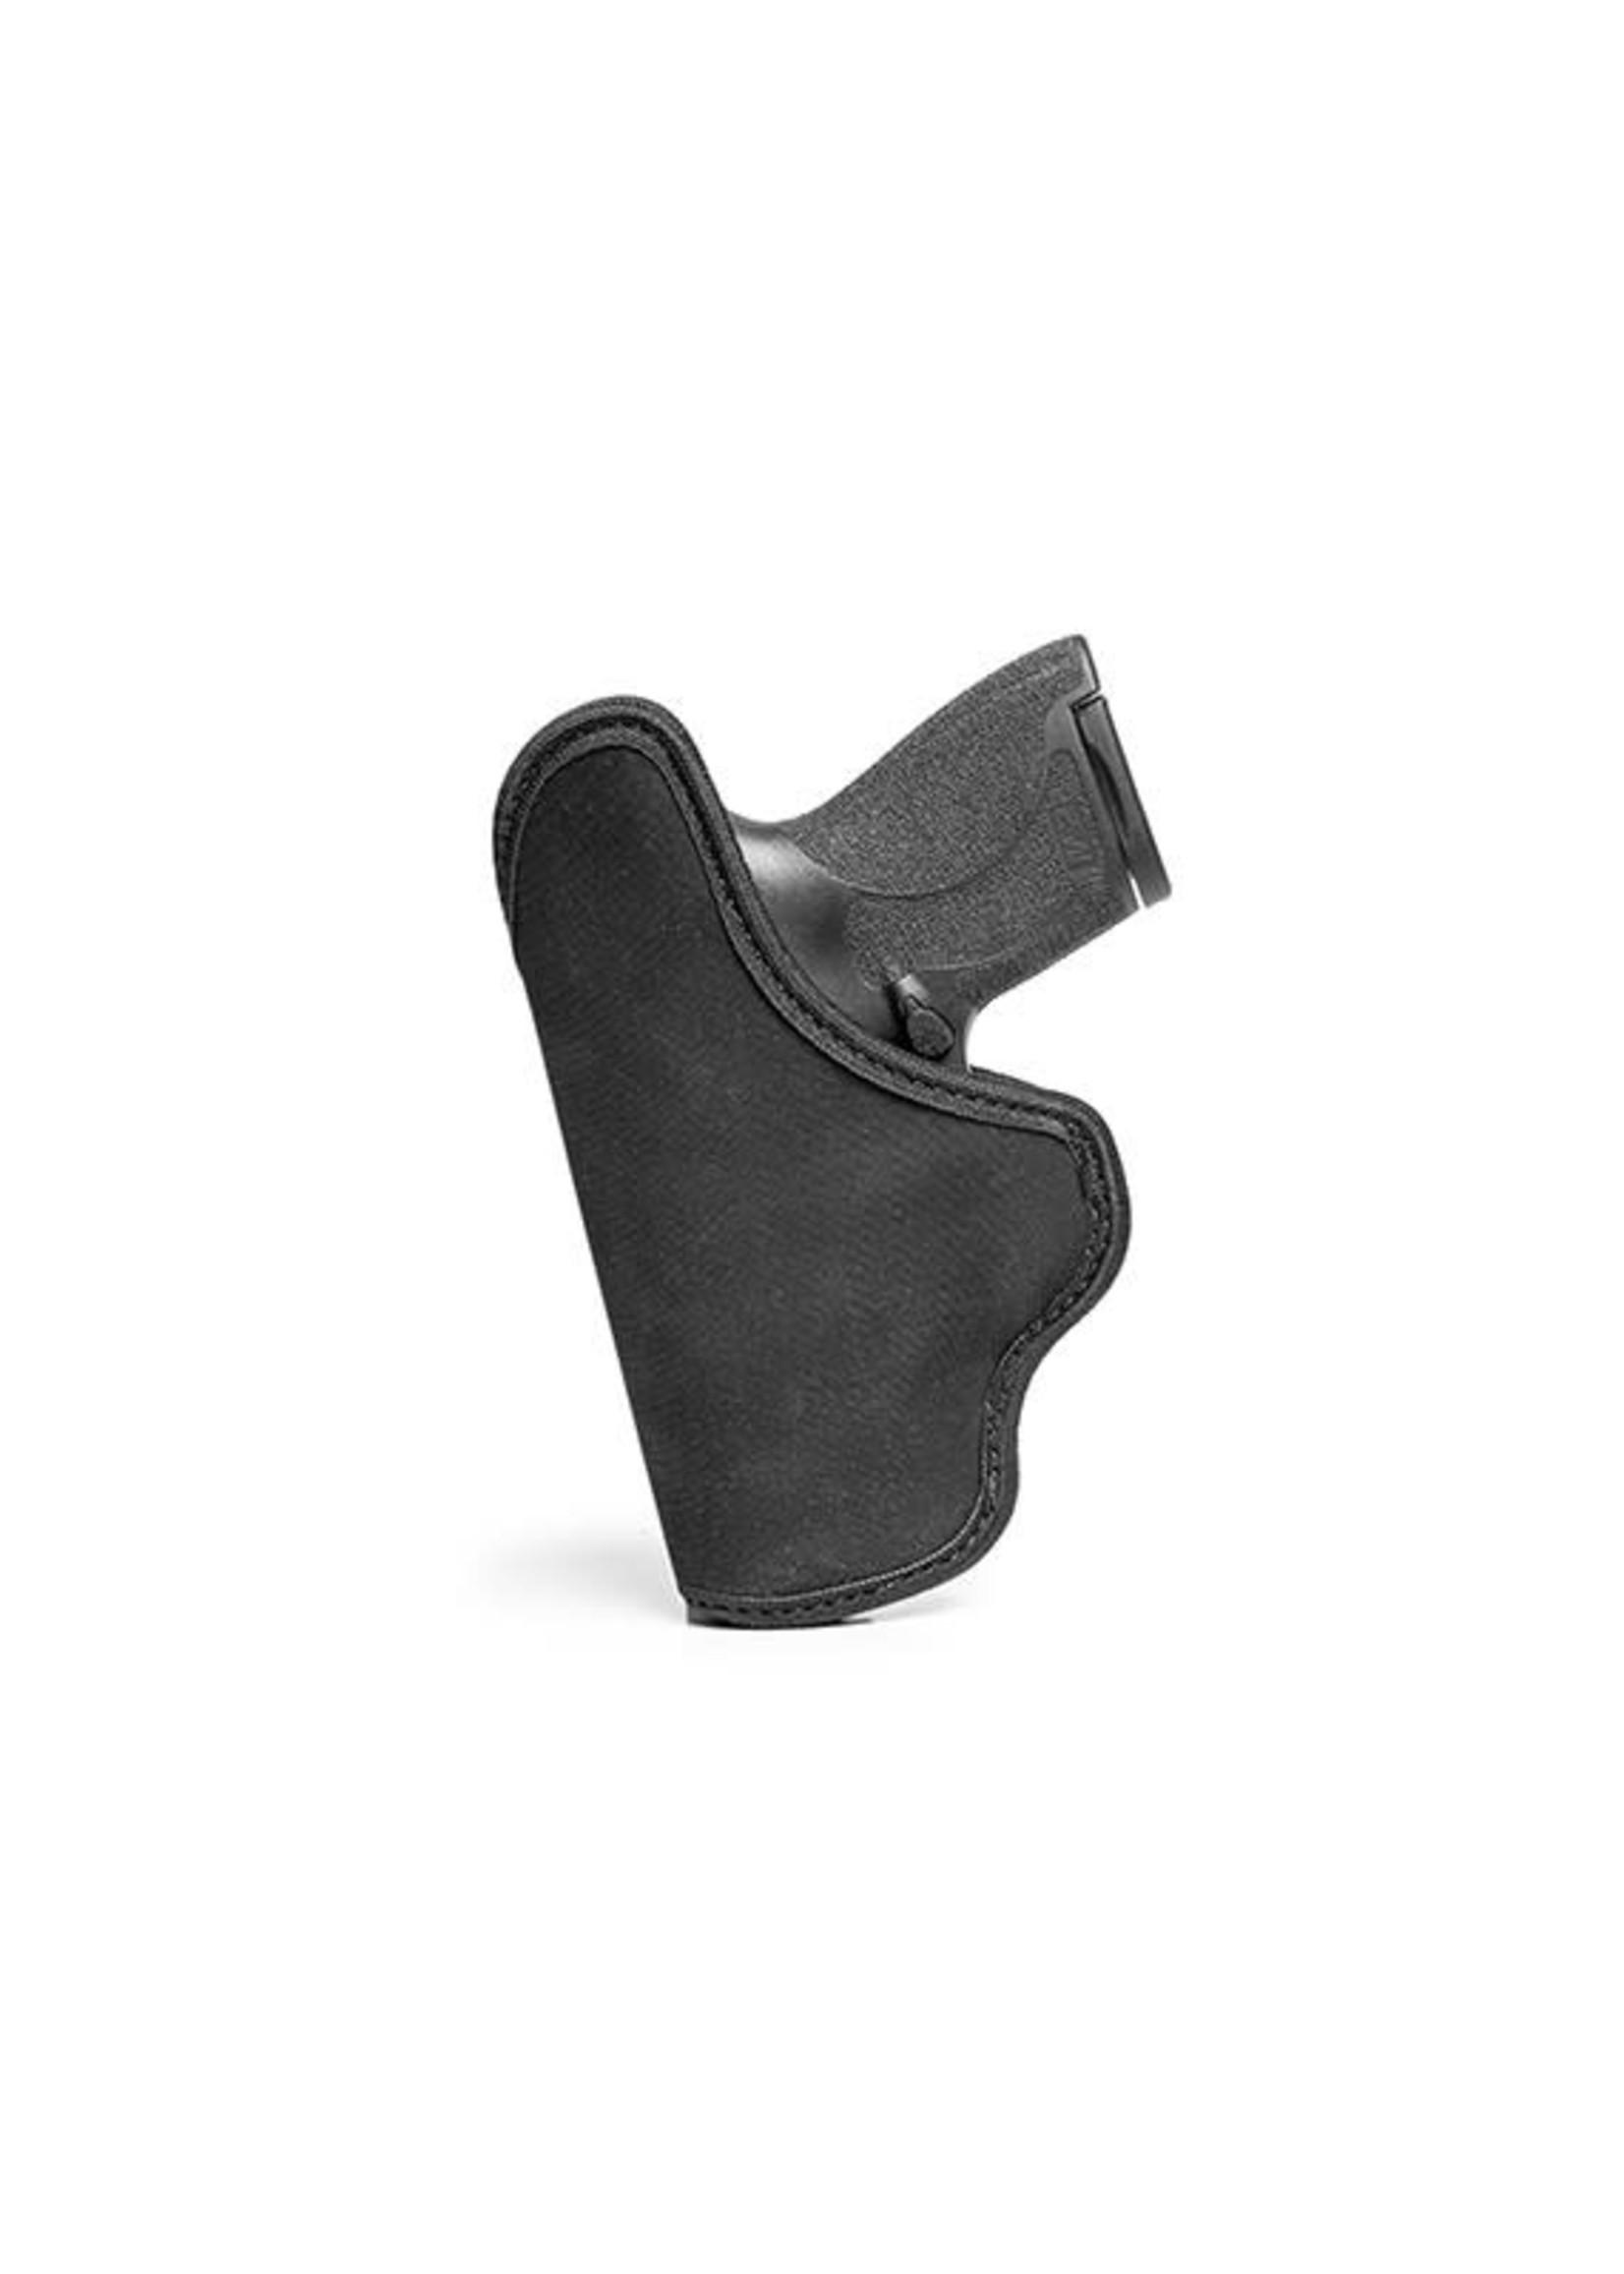 Alien Gear Holsters Alien Gear Grip Tuck Universal Holster - Full Size, LH